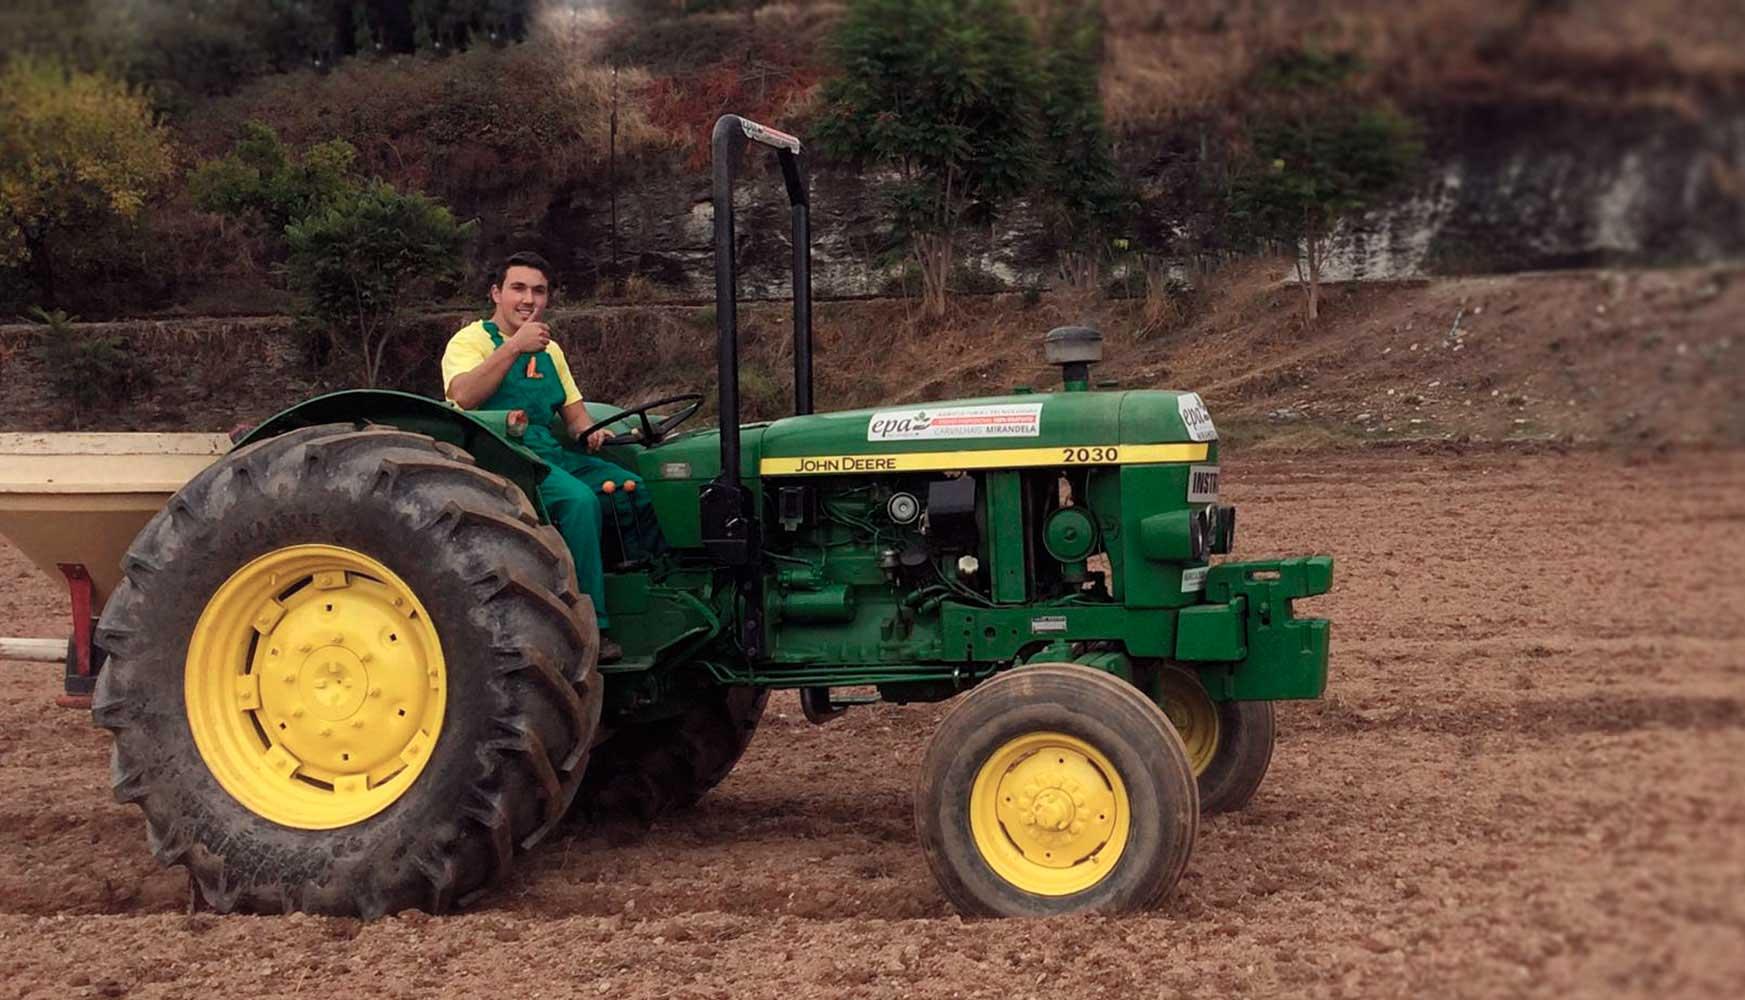 Epa-Escola-Profissional-Agricultura-Tecnologias_CEF-Operador-Maquinas-Agricolas